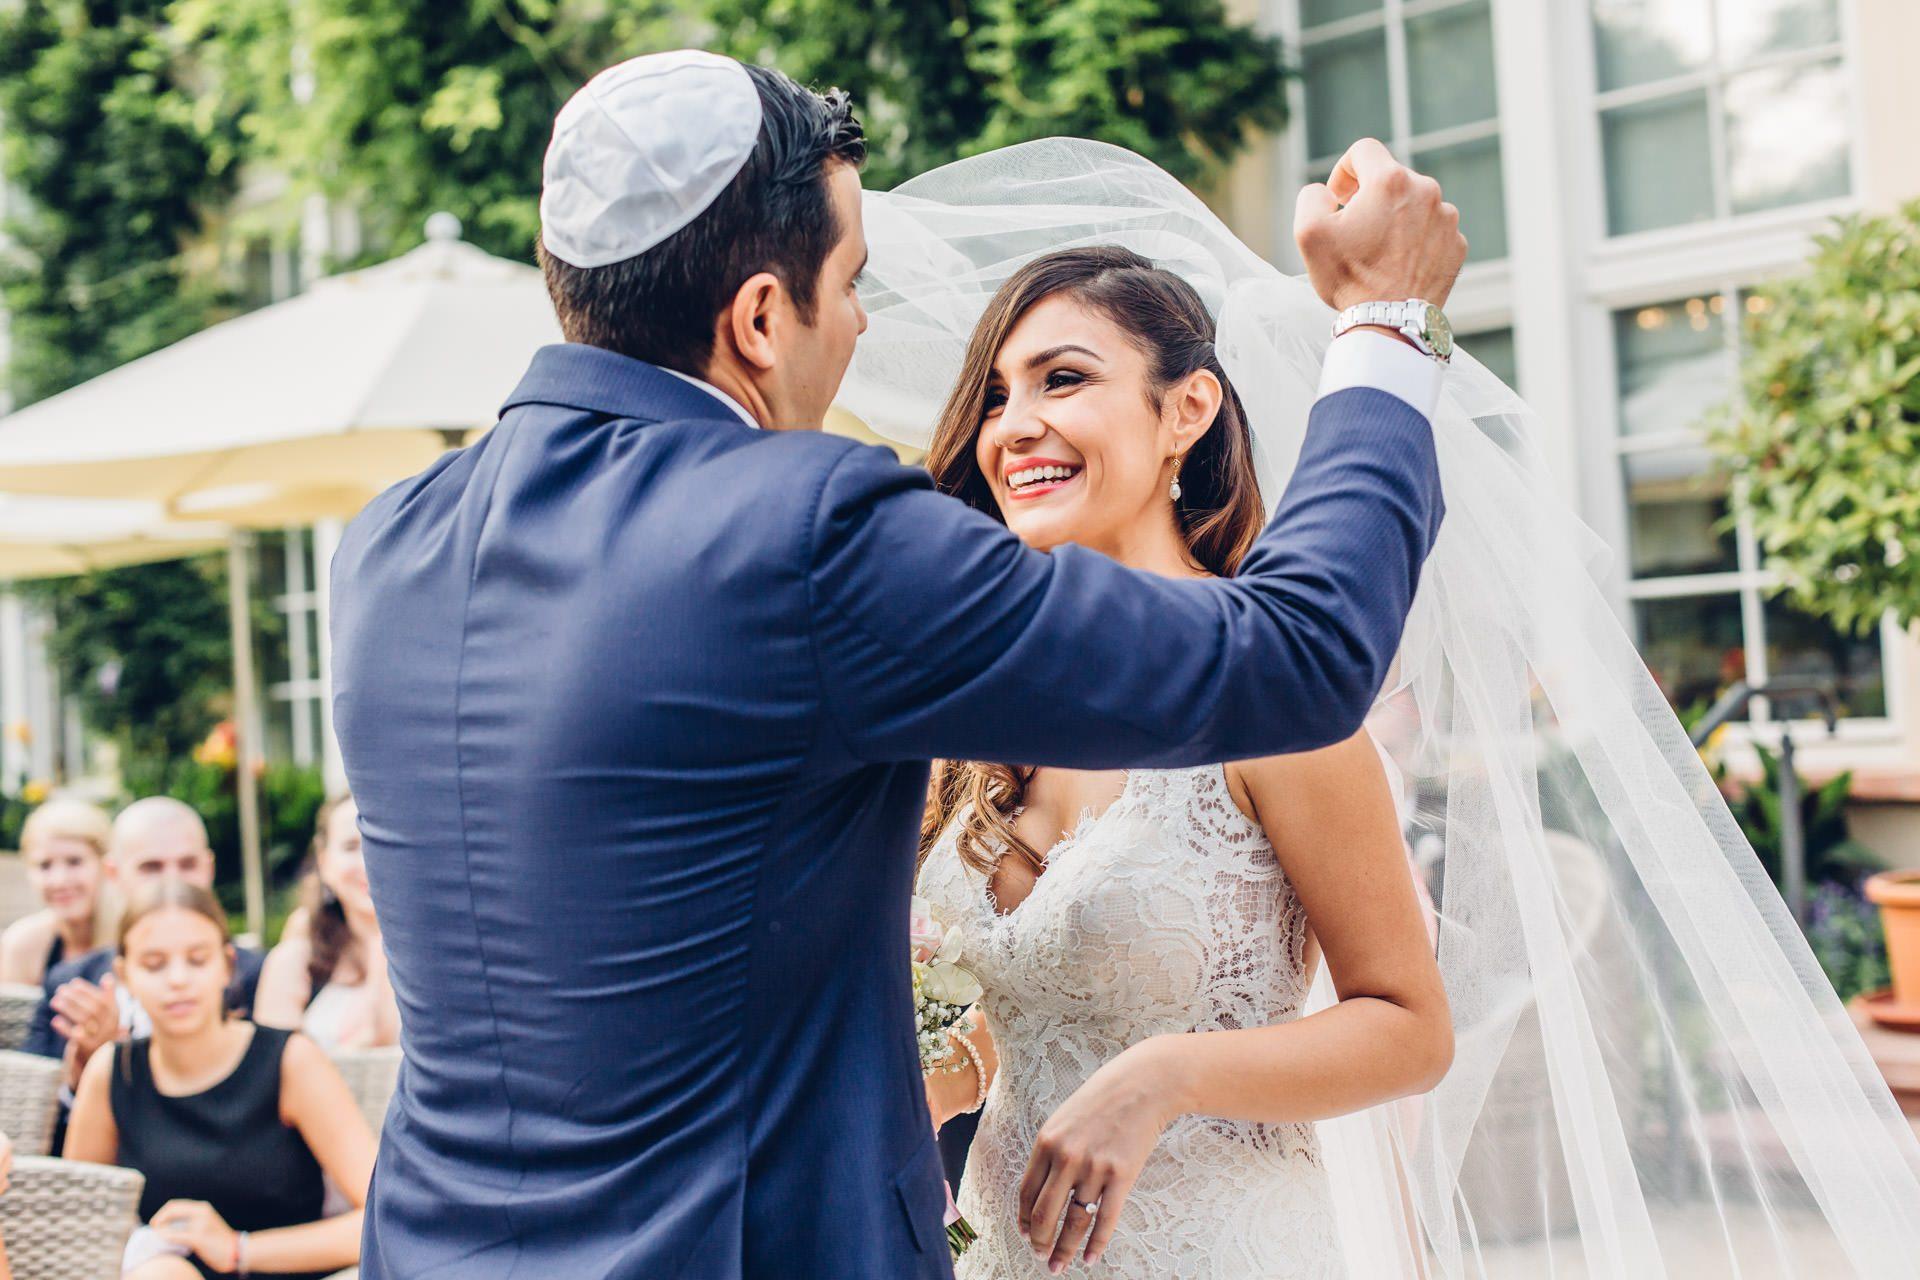 еврейская свадьба дешево картинки можешь искренне